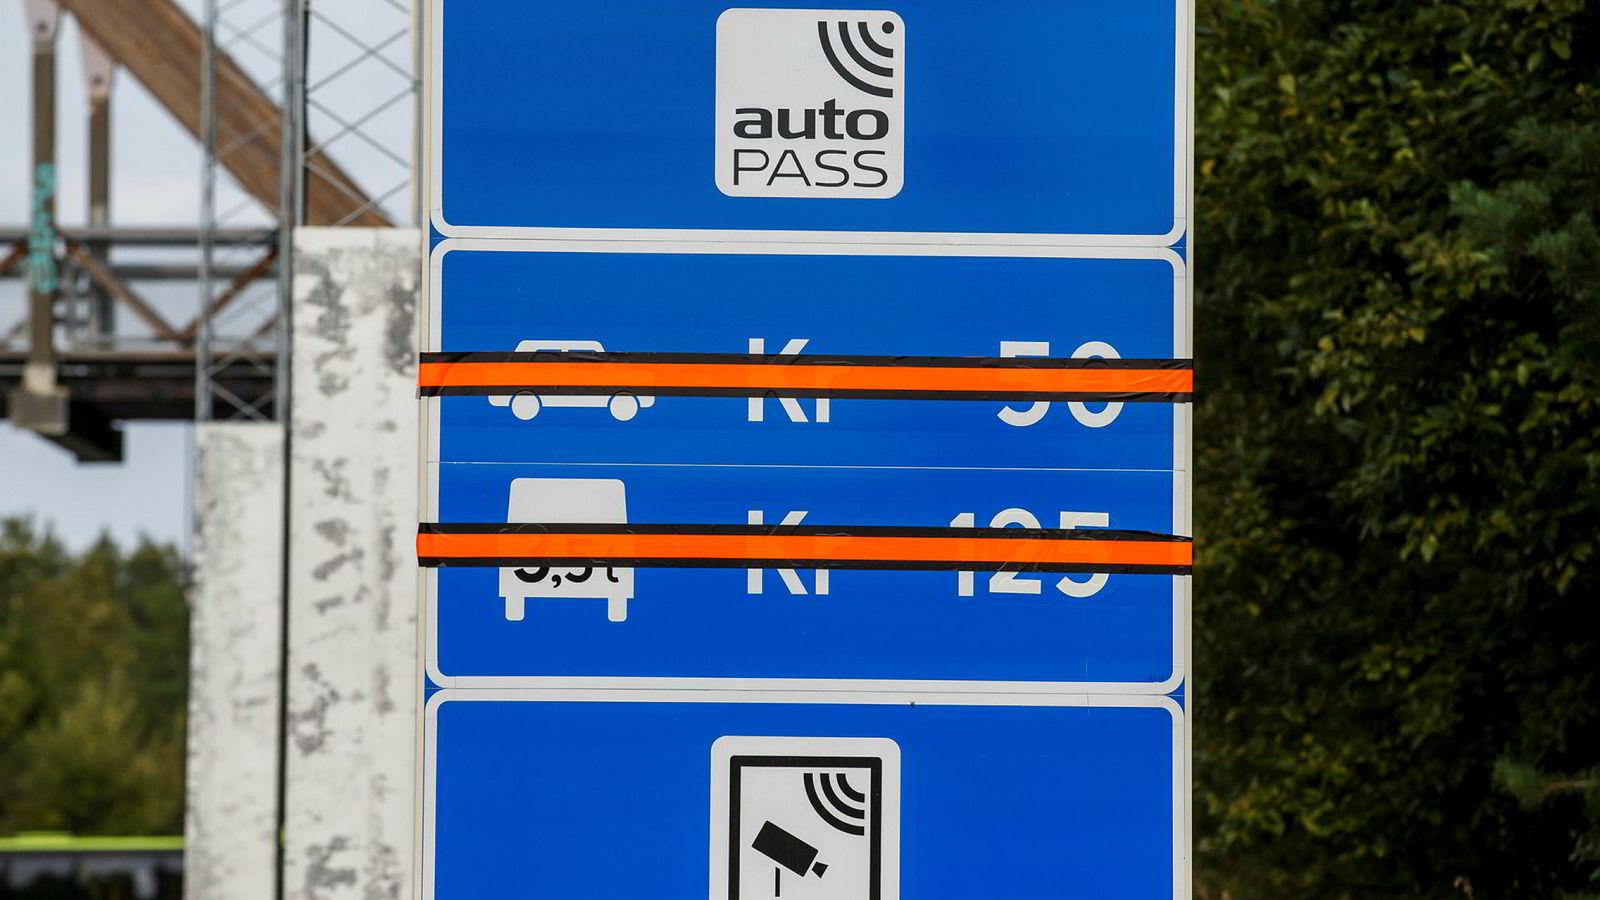 80 bompengeprosjekter som er ferdige, ble nedbetalt to år før tiden, viser ny forskning. Her fra Oslofjordtunnelen mellom Drøbak og Hurum som avviklet sin bompengebetaling i 2016. Foto: Cornelius Poppe / NTB scanpix